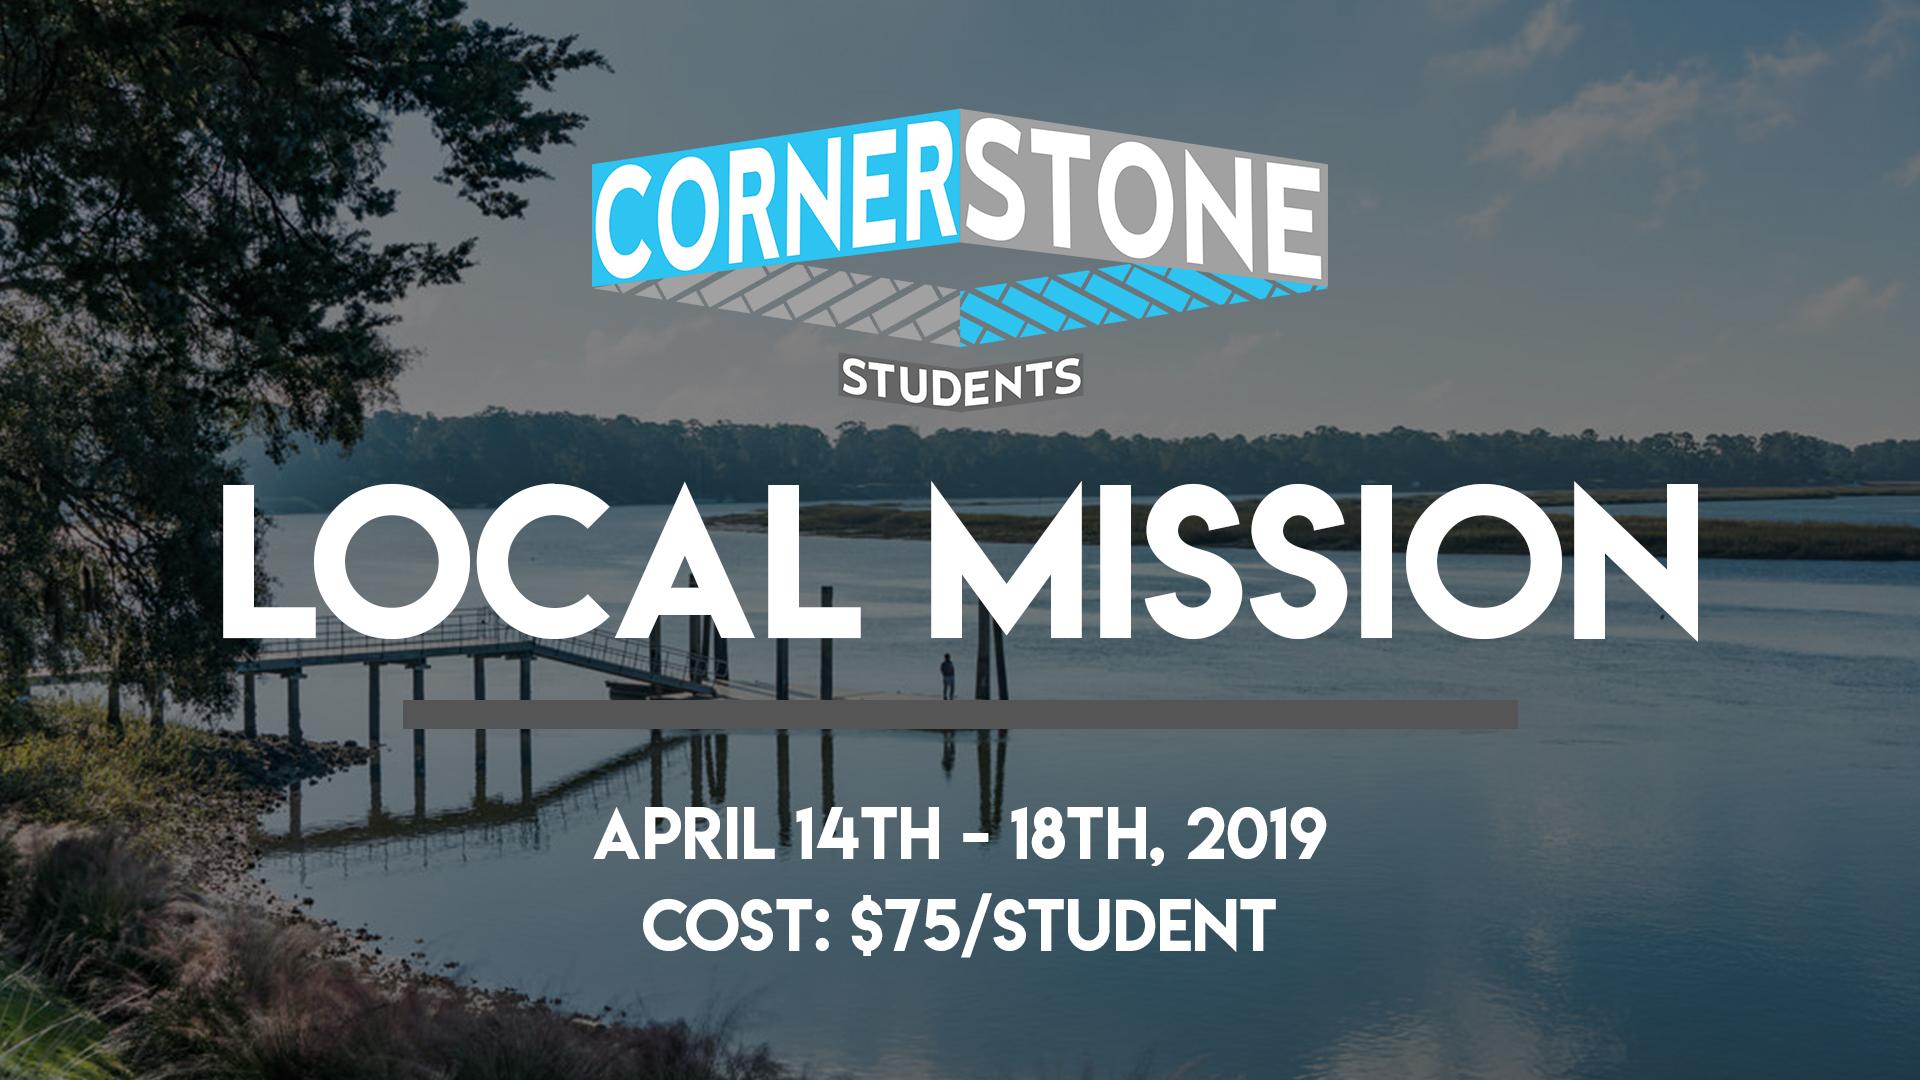 CornerstoneStudentsLocalMission2.jpg